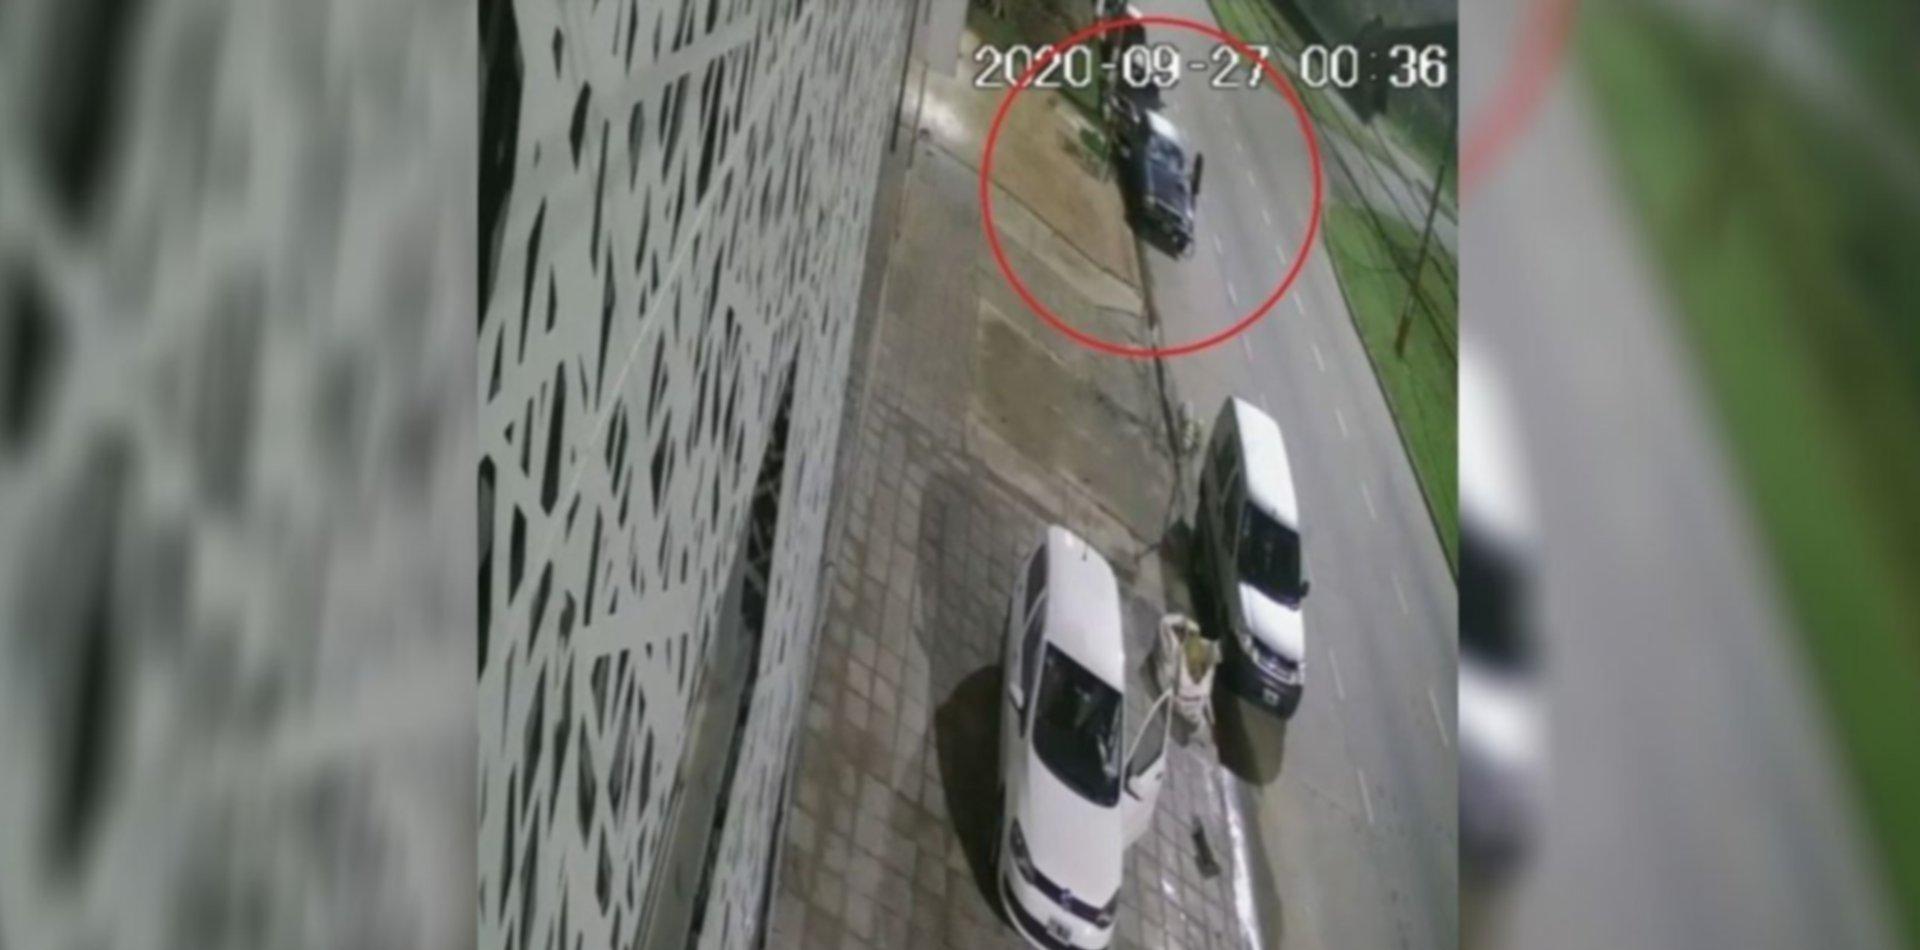 VIDEO: Una mujer apedreó un auto estacionado en La Plata y escapó